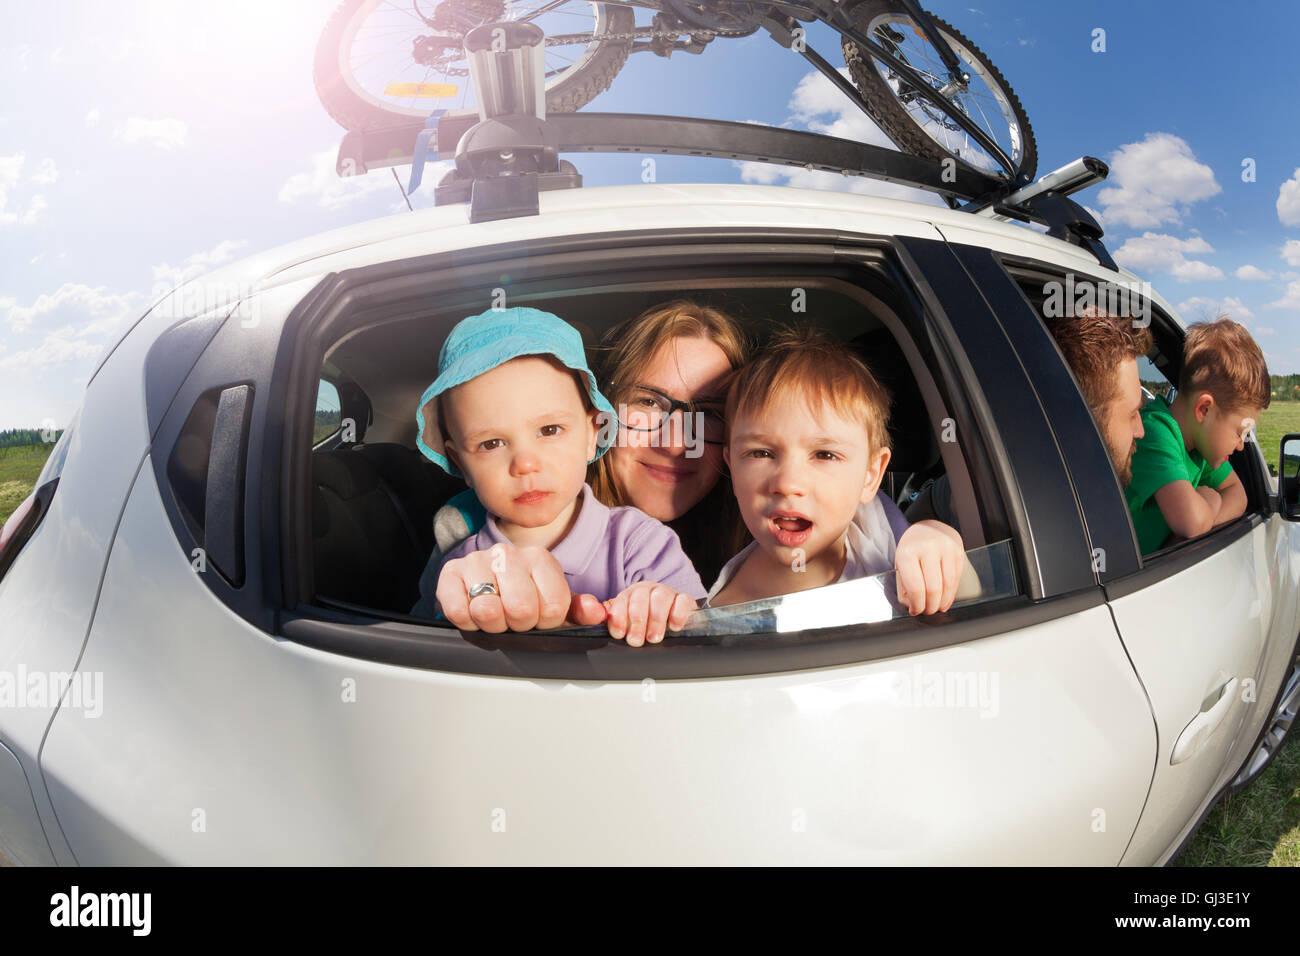 Große, glückliche Familie auf Urlaubsreise im Sommer gehen Stockbild